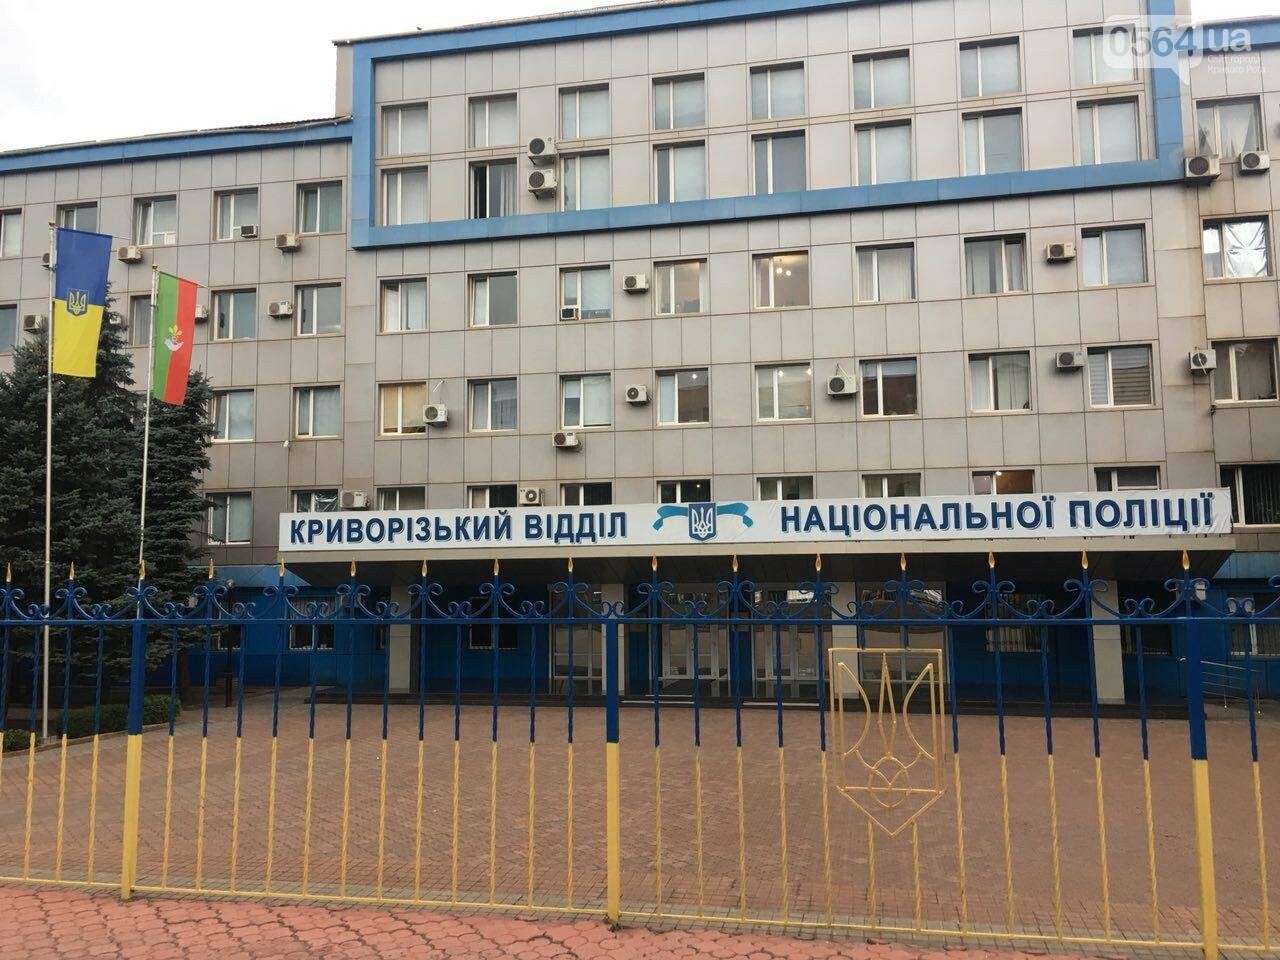 В Кривом Роге представители азербайджанской диаспоры требуют расследования нападений на их дома, - ФОТО , фото-10